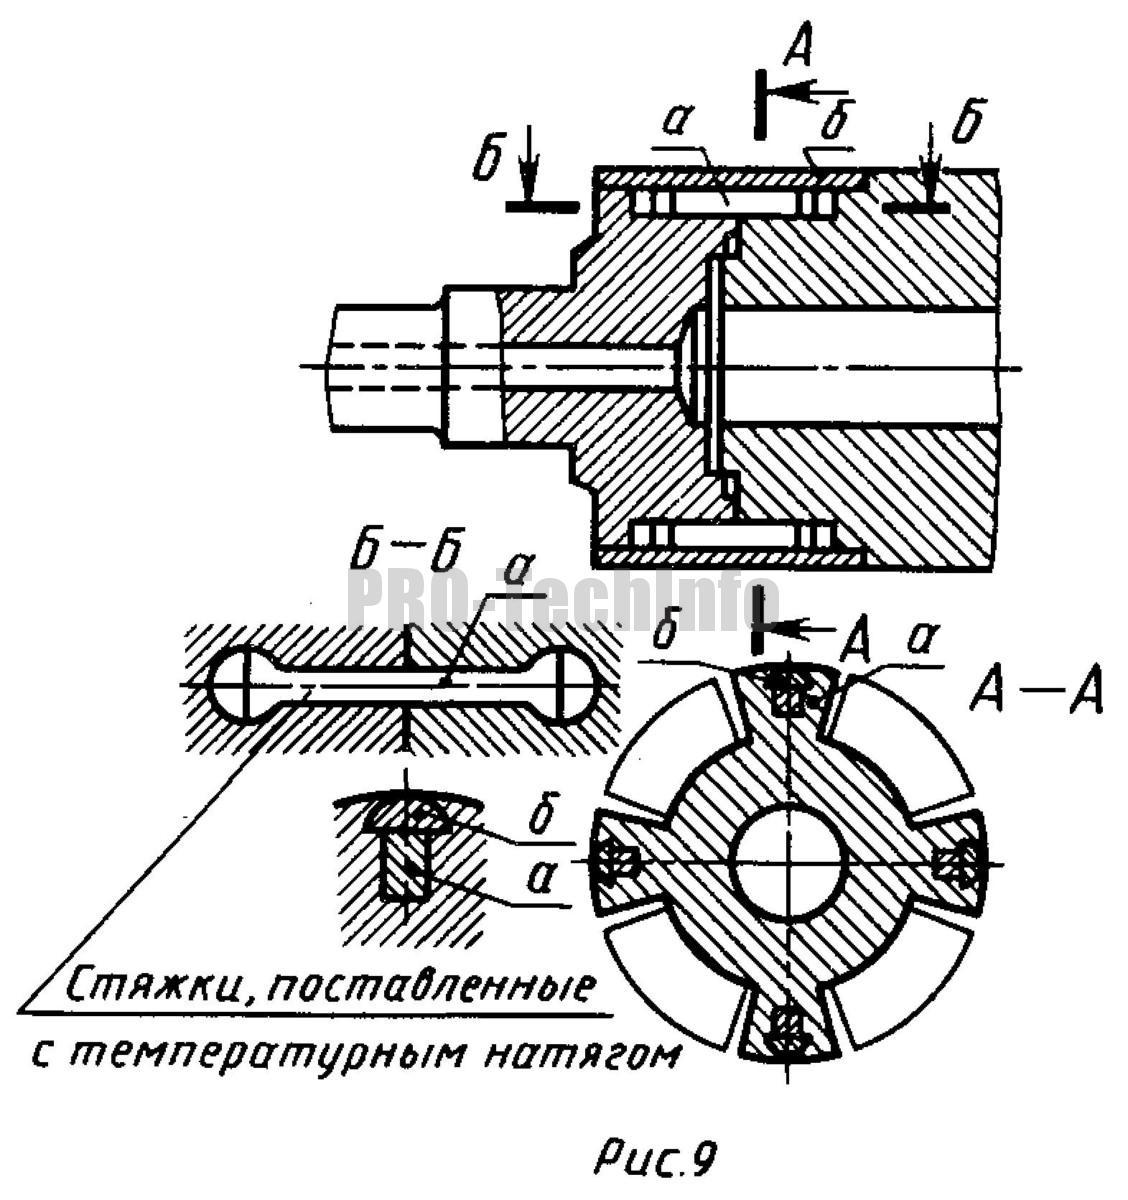 Соединение центральной части ротора генератора с хвостовиками